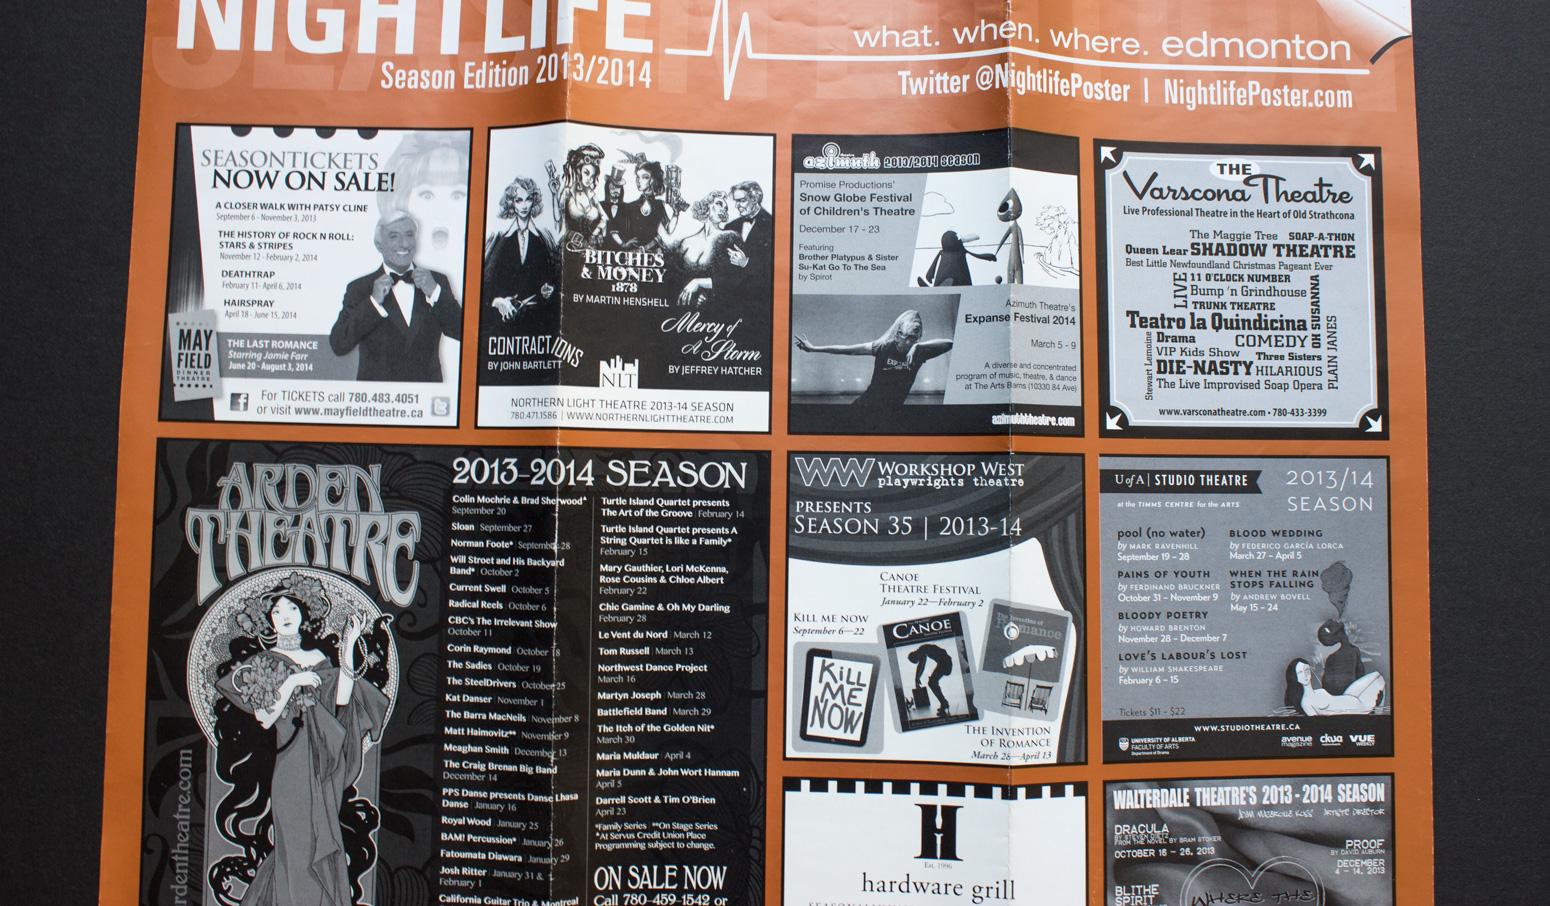 Workshopwest Nightlife Calendar ad for the season